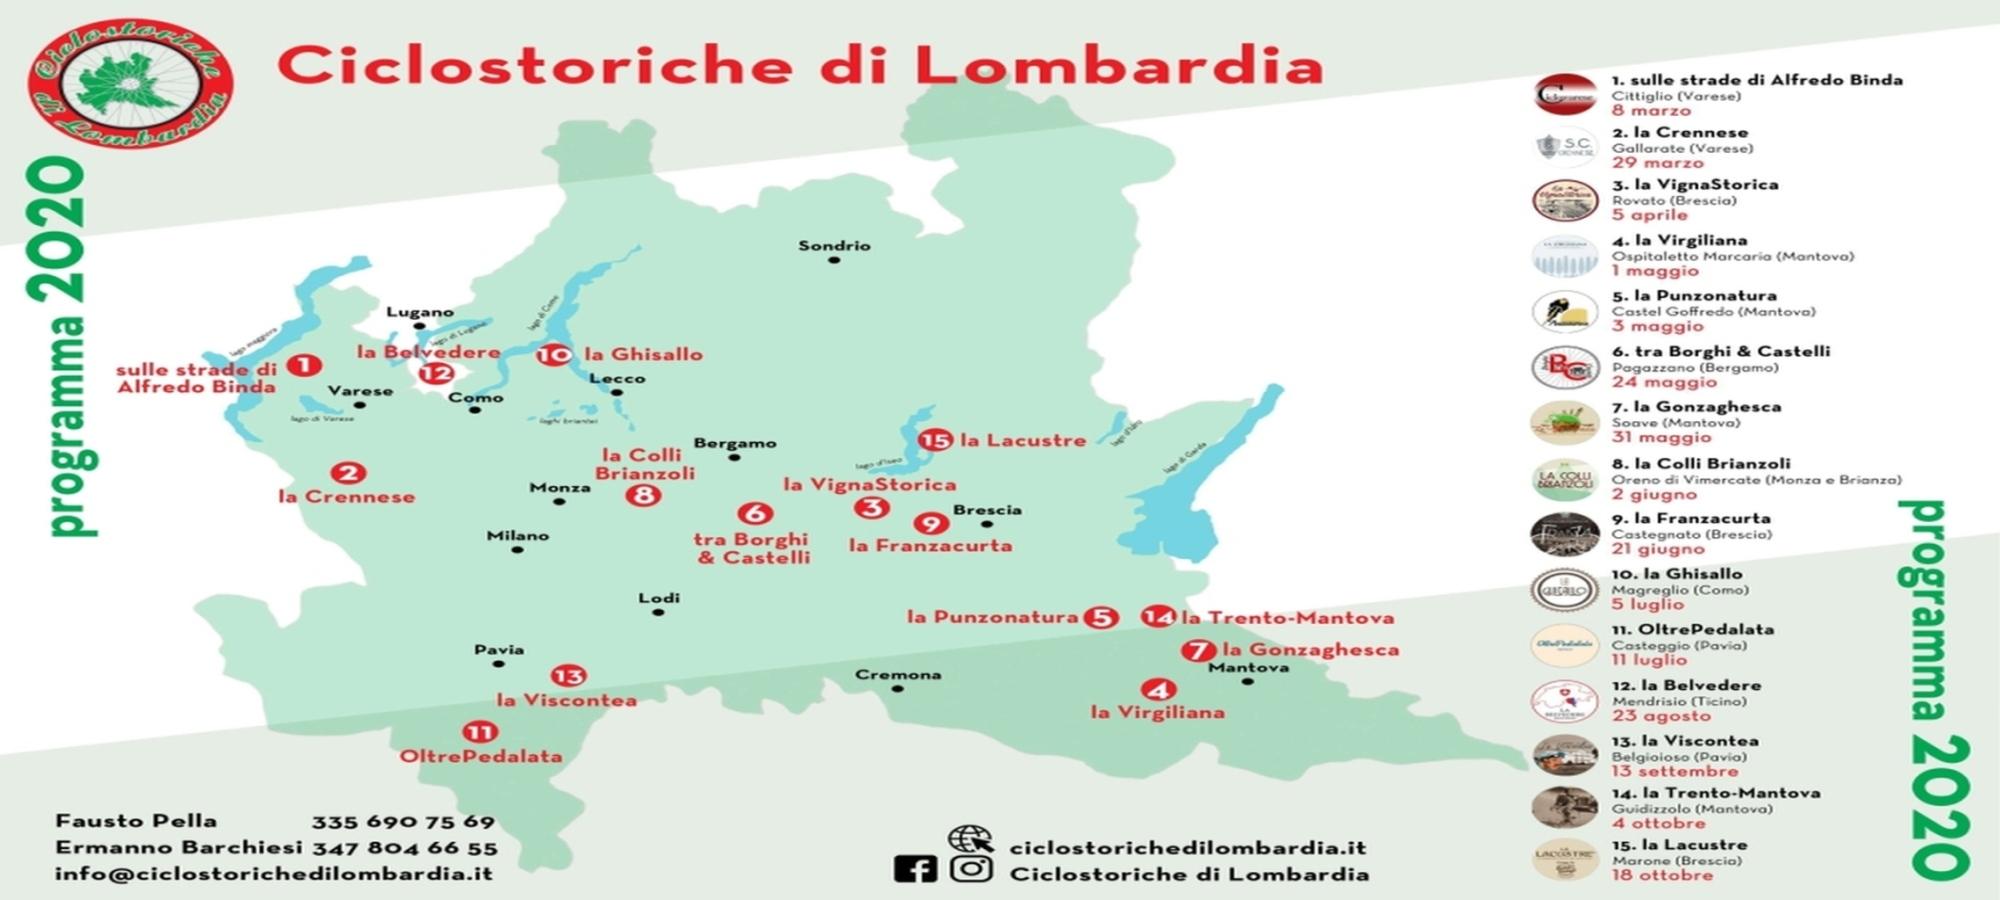 Ciclostoriche di Lombardia programma 2020